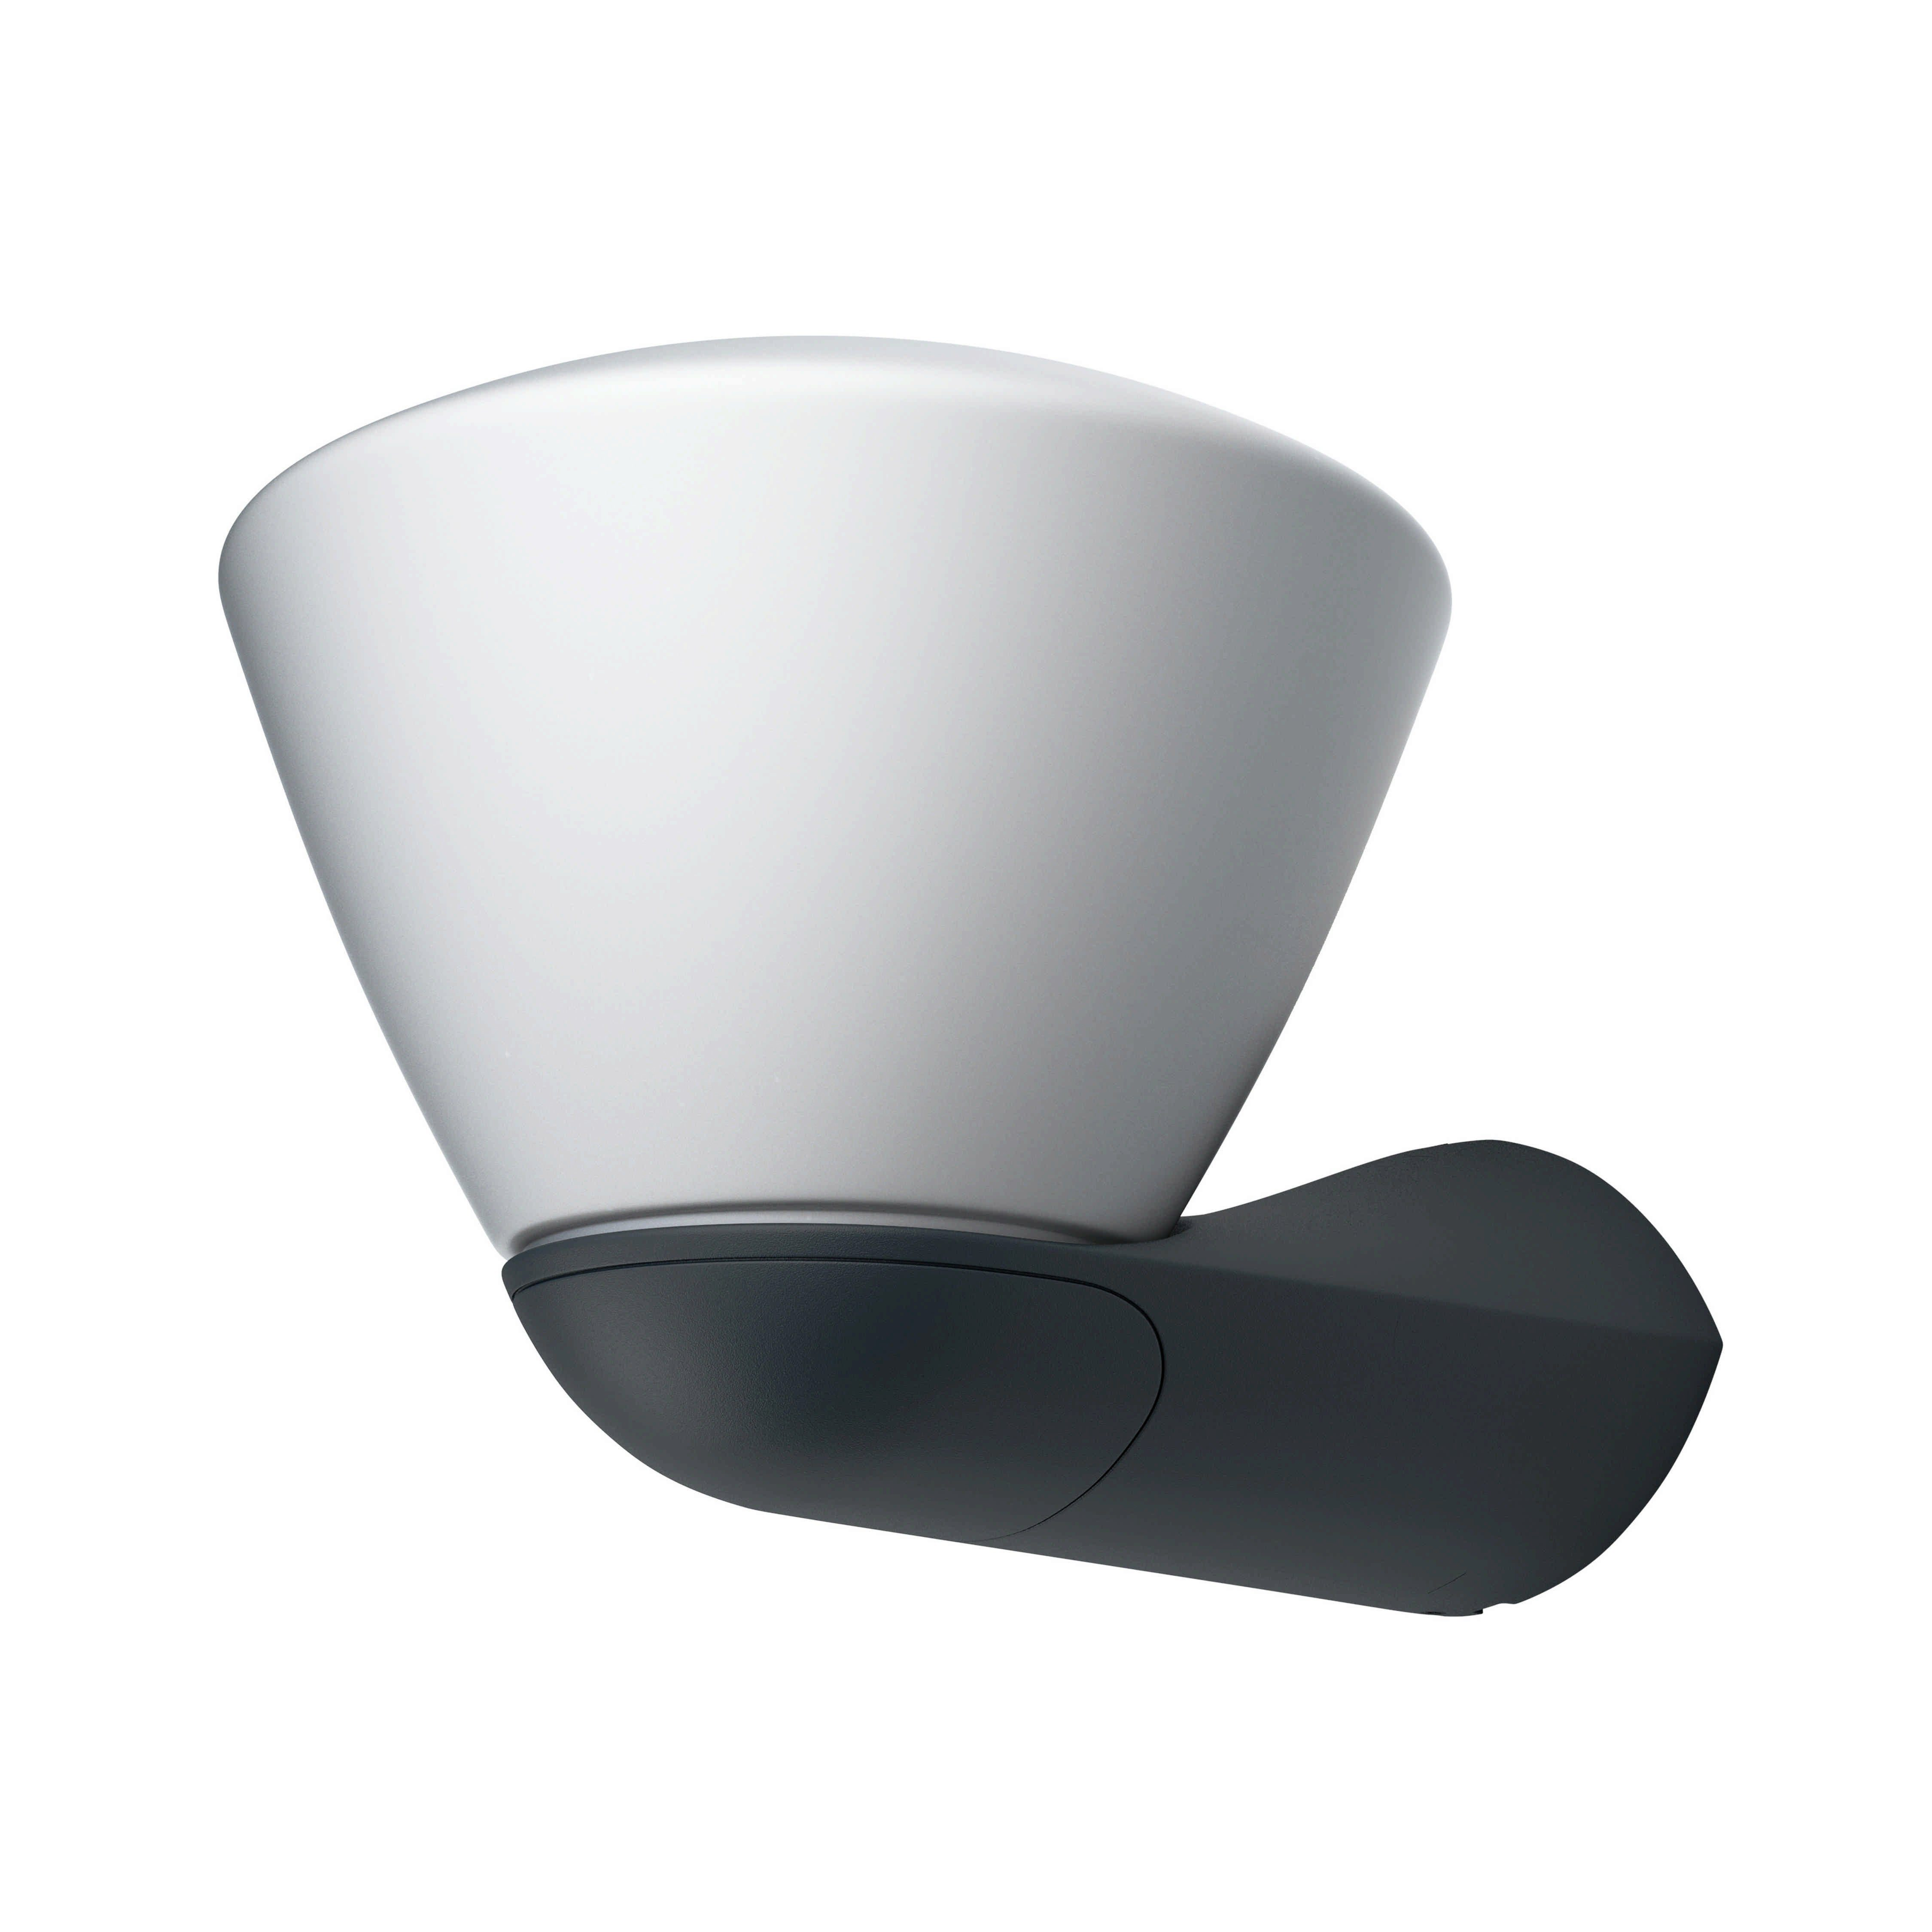 Osram LED-Wandleuchte aus hochwertigem Glas und Aluminium »ENDURA STYLE Lantern Bowl 7W«